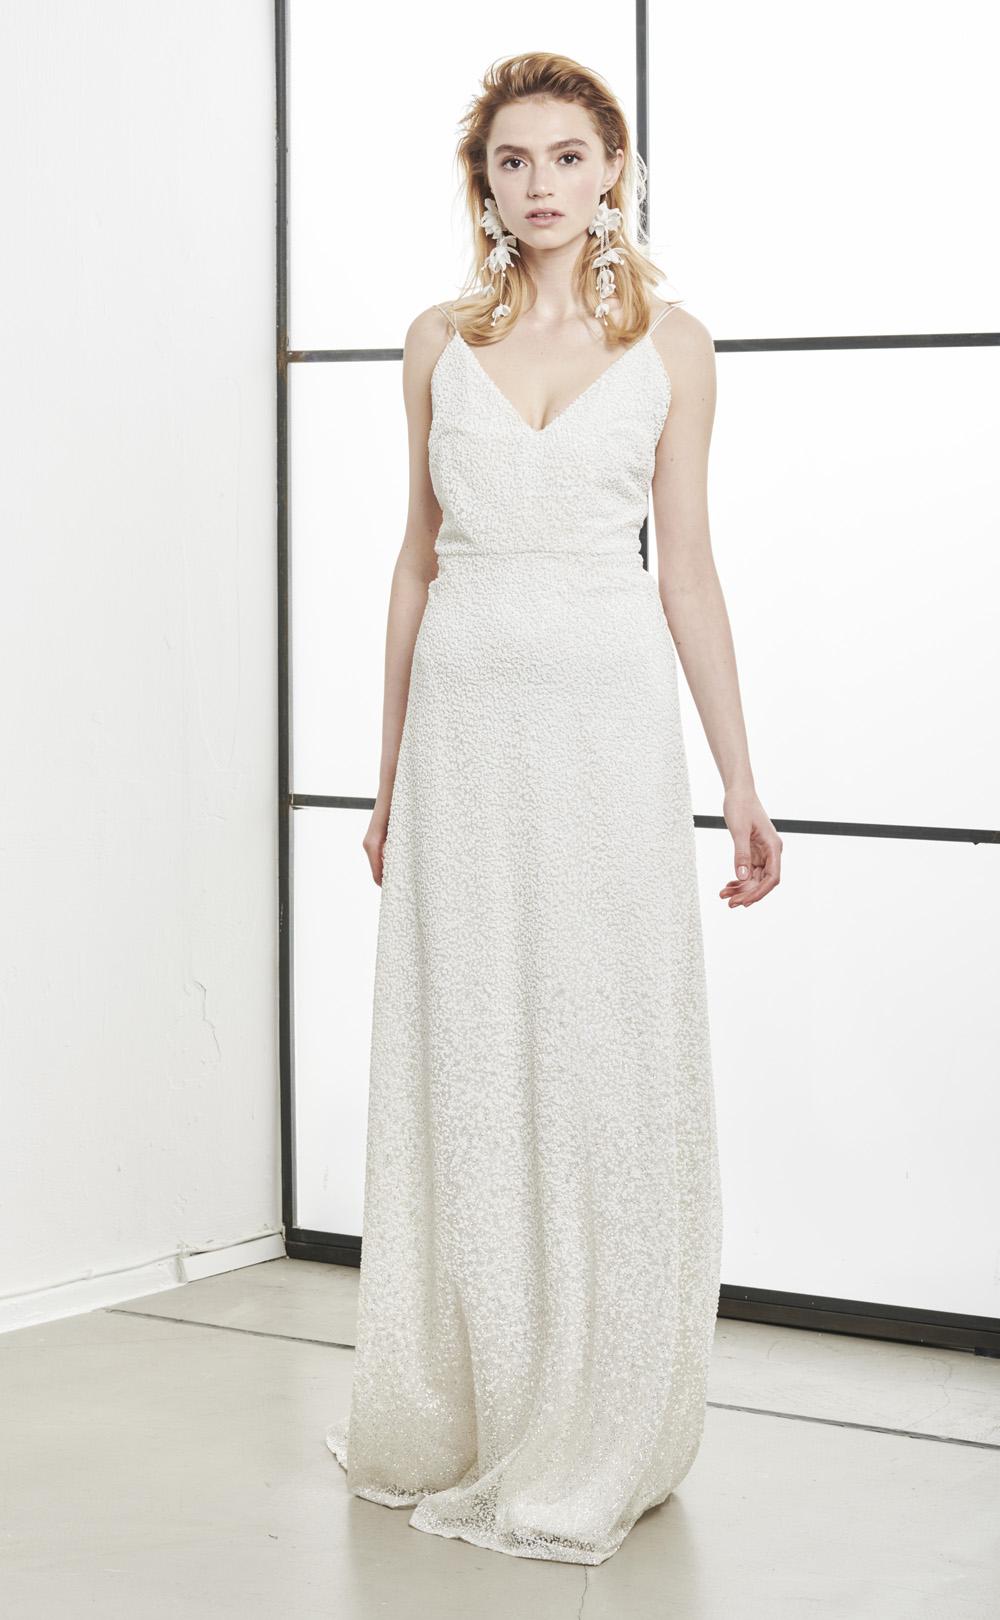 Brautkleid mit Glitzer: Lumi